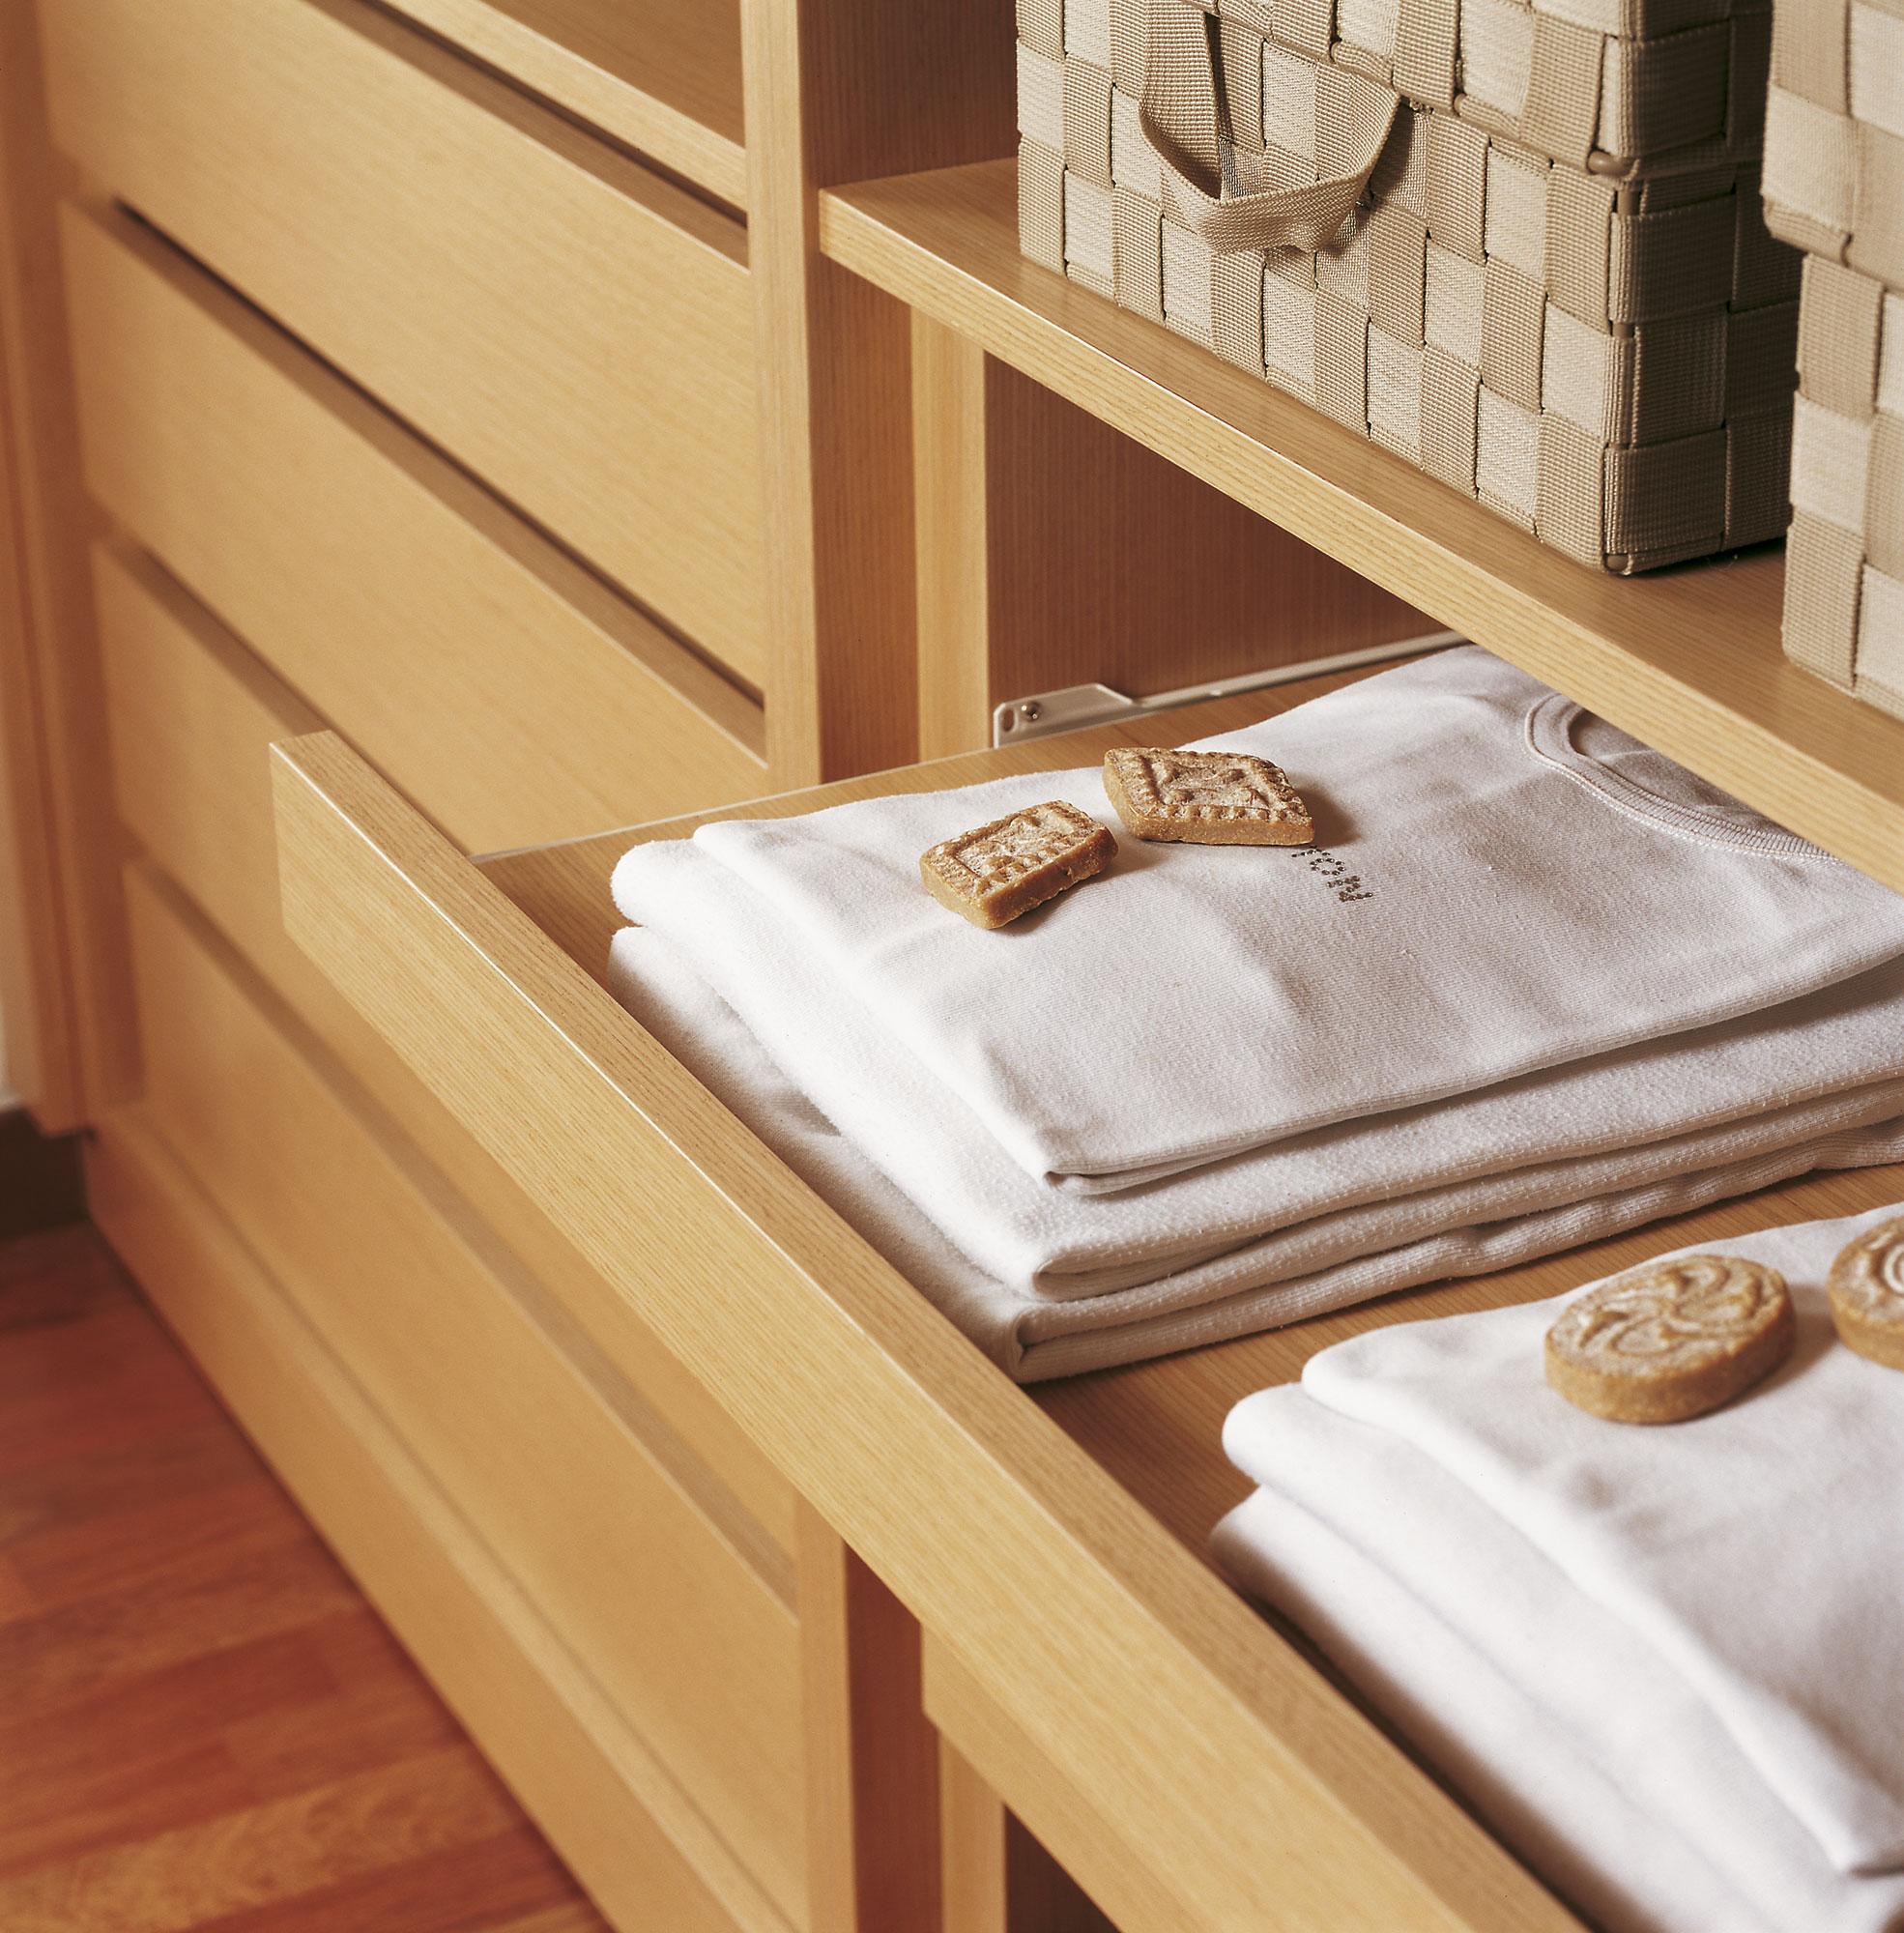 Armarios ordena mejor y duplica el espacio - Cajonera interior armario ...